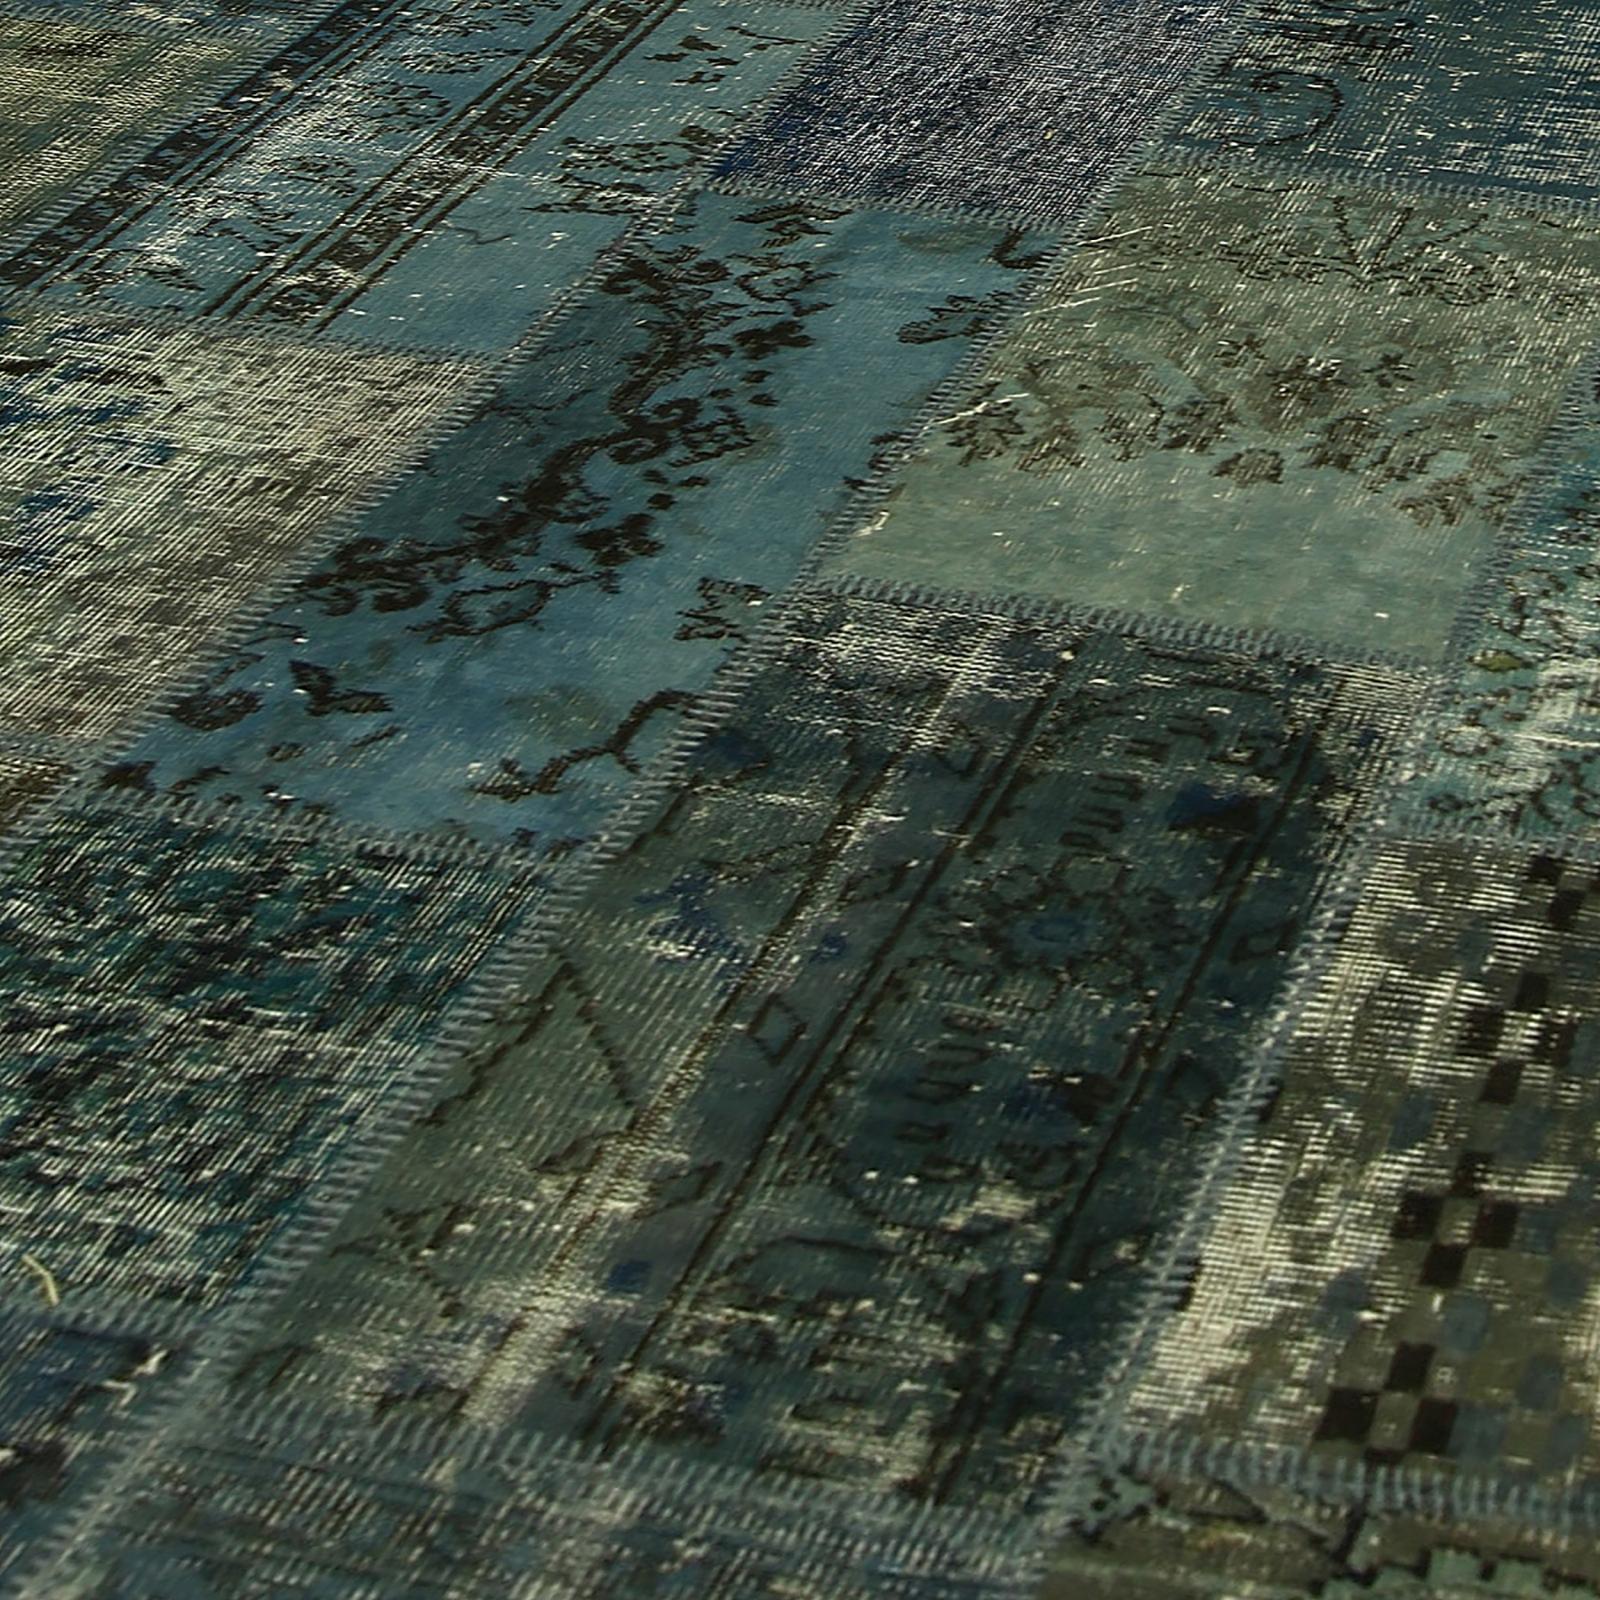 Tapete Patchwork Vintage : Home > Tapetes vintage > Patchwork rugs > Vintage patchwork rug cor